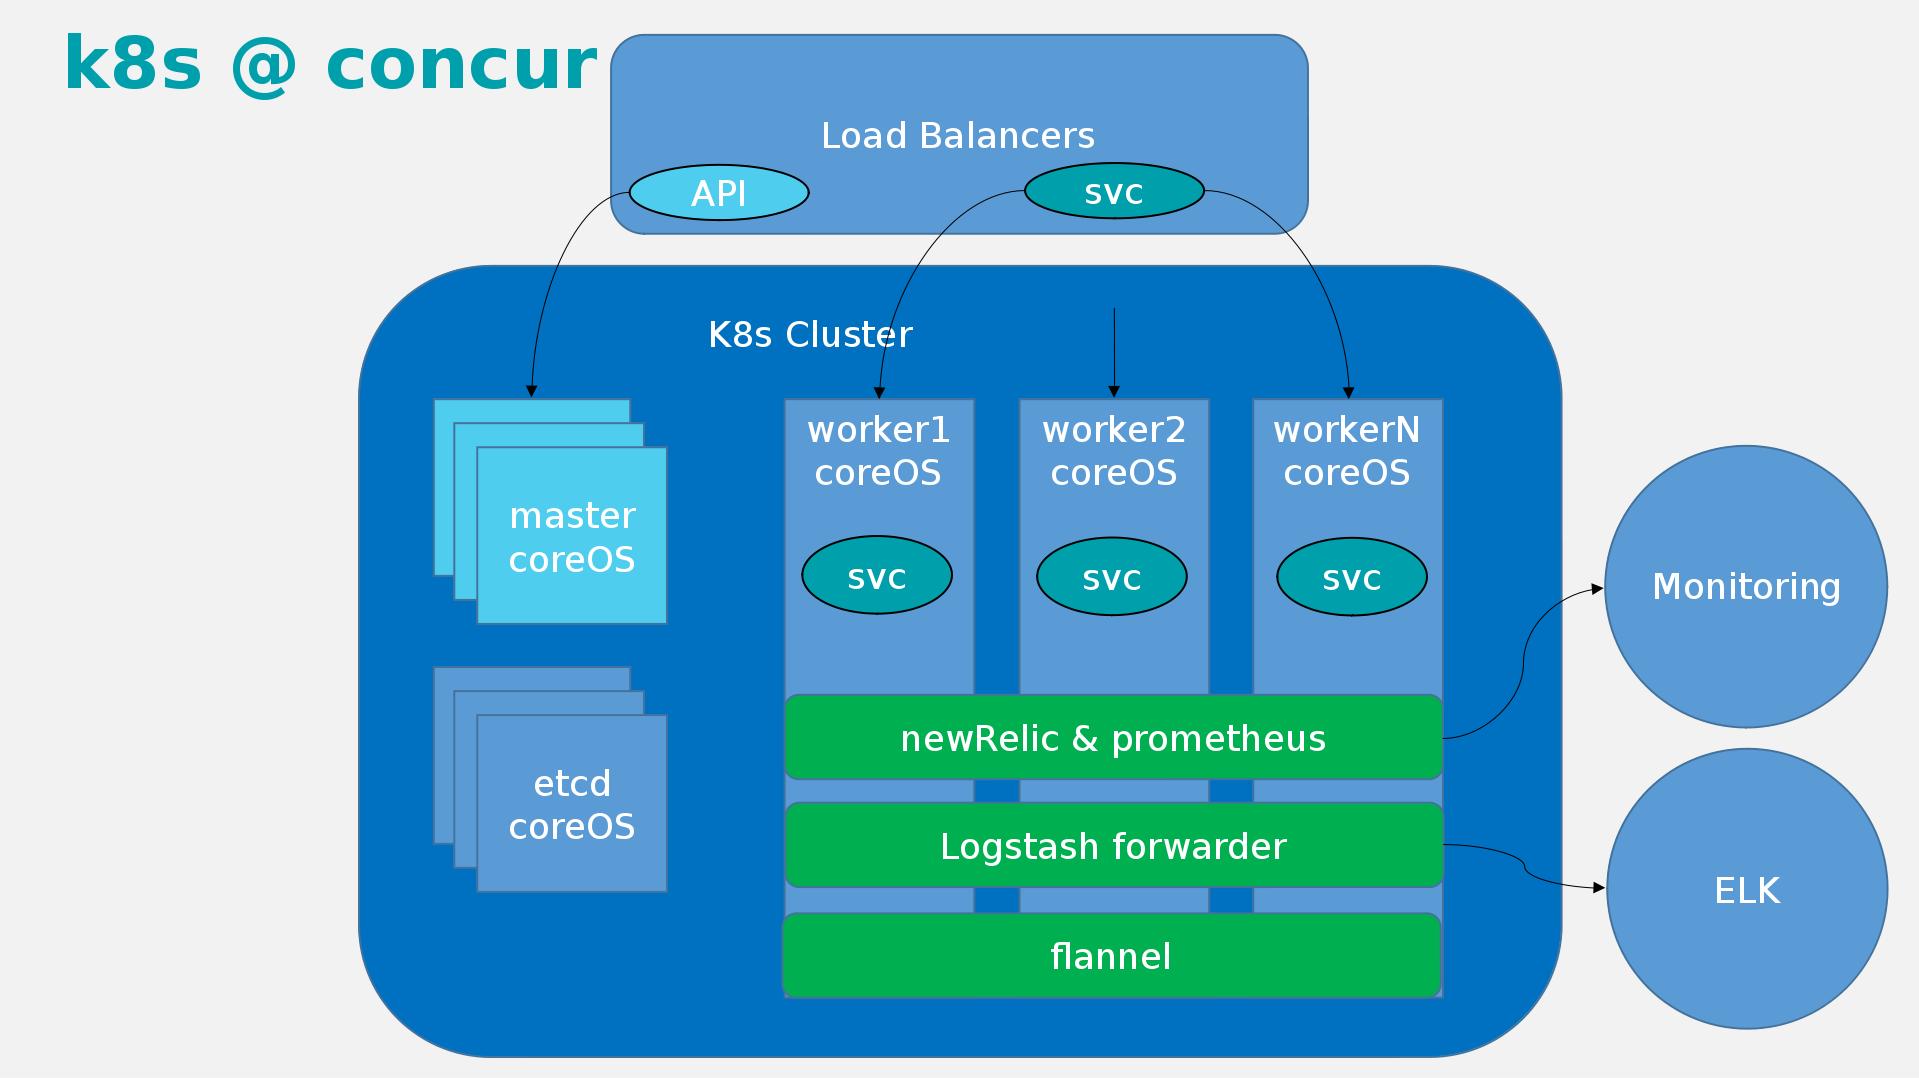 Истории успеха Kubernetes в production. Часть 2: Concur и SAP - 4